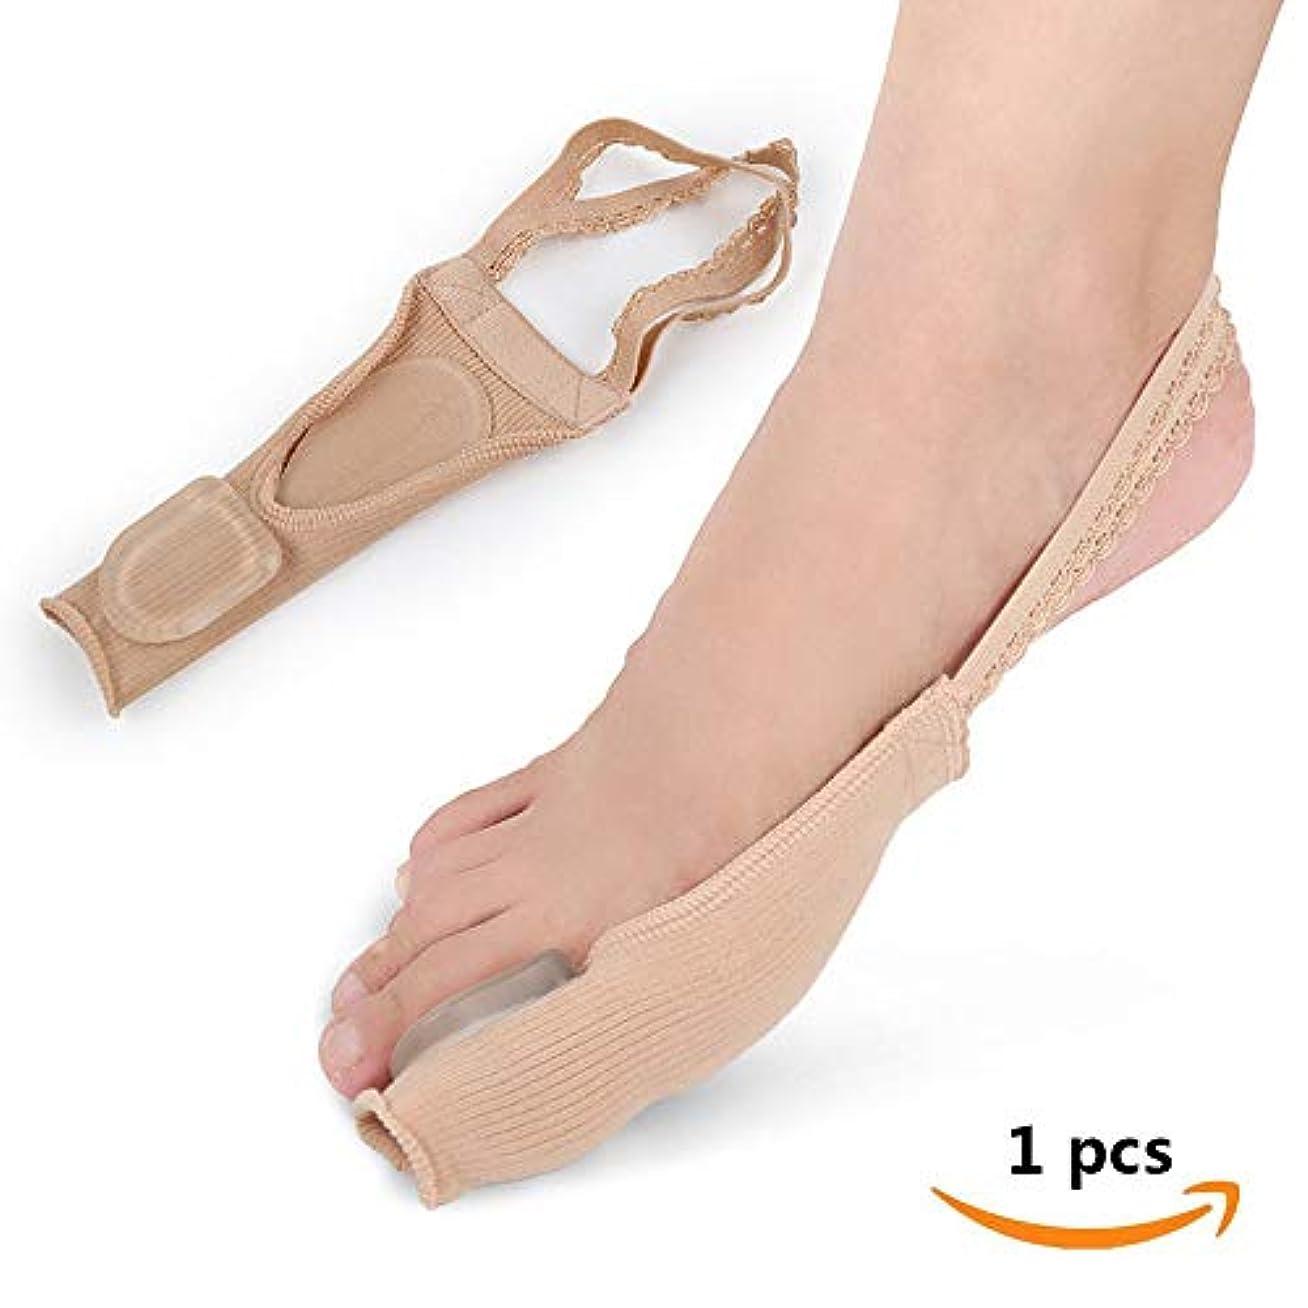 小道具大騒ぎ浴室外反母趾装具とゲルパッド外反母趾包帯スプリント親指スリーブ袖ソックス重複つま先スプレッダー親指、左右の足ユニバーサル(1pcs),S-EU:35-37